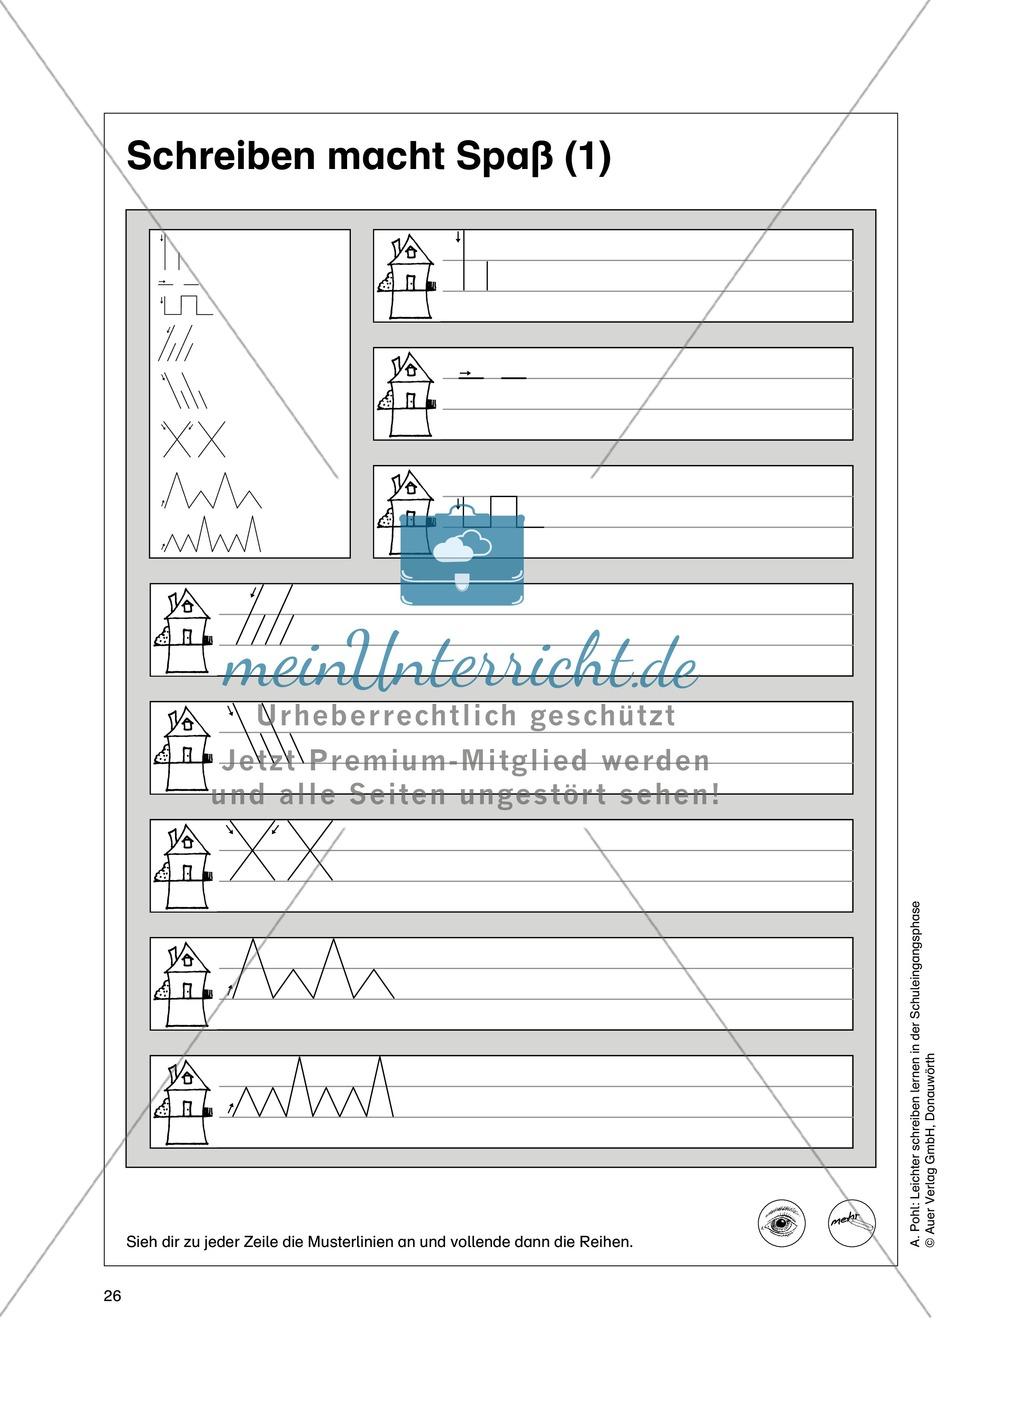 """Feinmotorik und Wahrnehmung: """"Waagrechte - Senkrechte -Schräge Linien malen und schreiben"""" - Arbeitsblätter +Übungen Preview 17"""